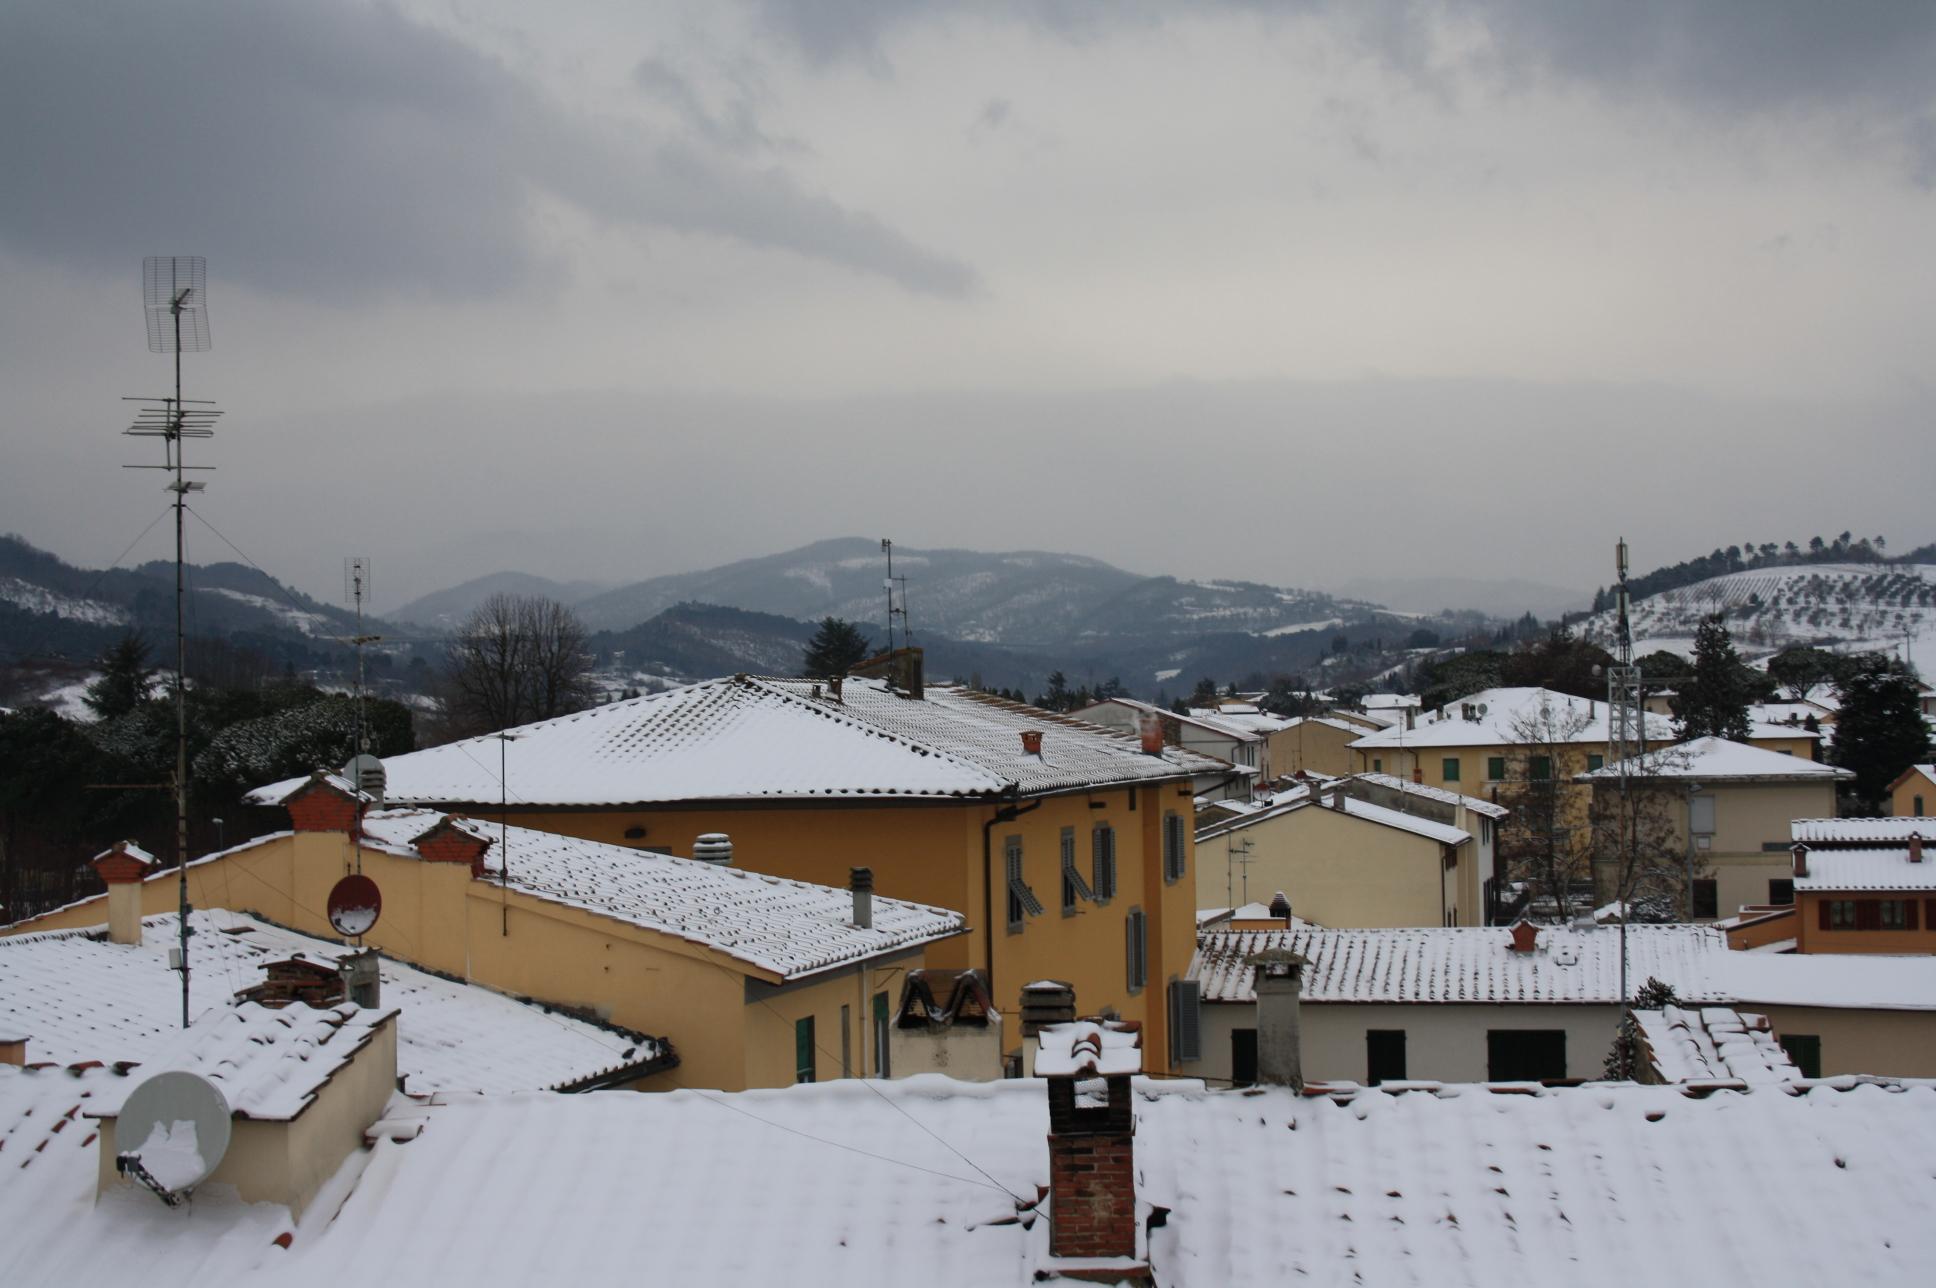 Firenze, fuori dalla finestra